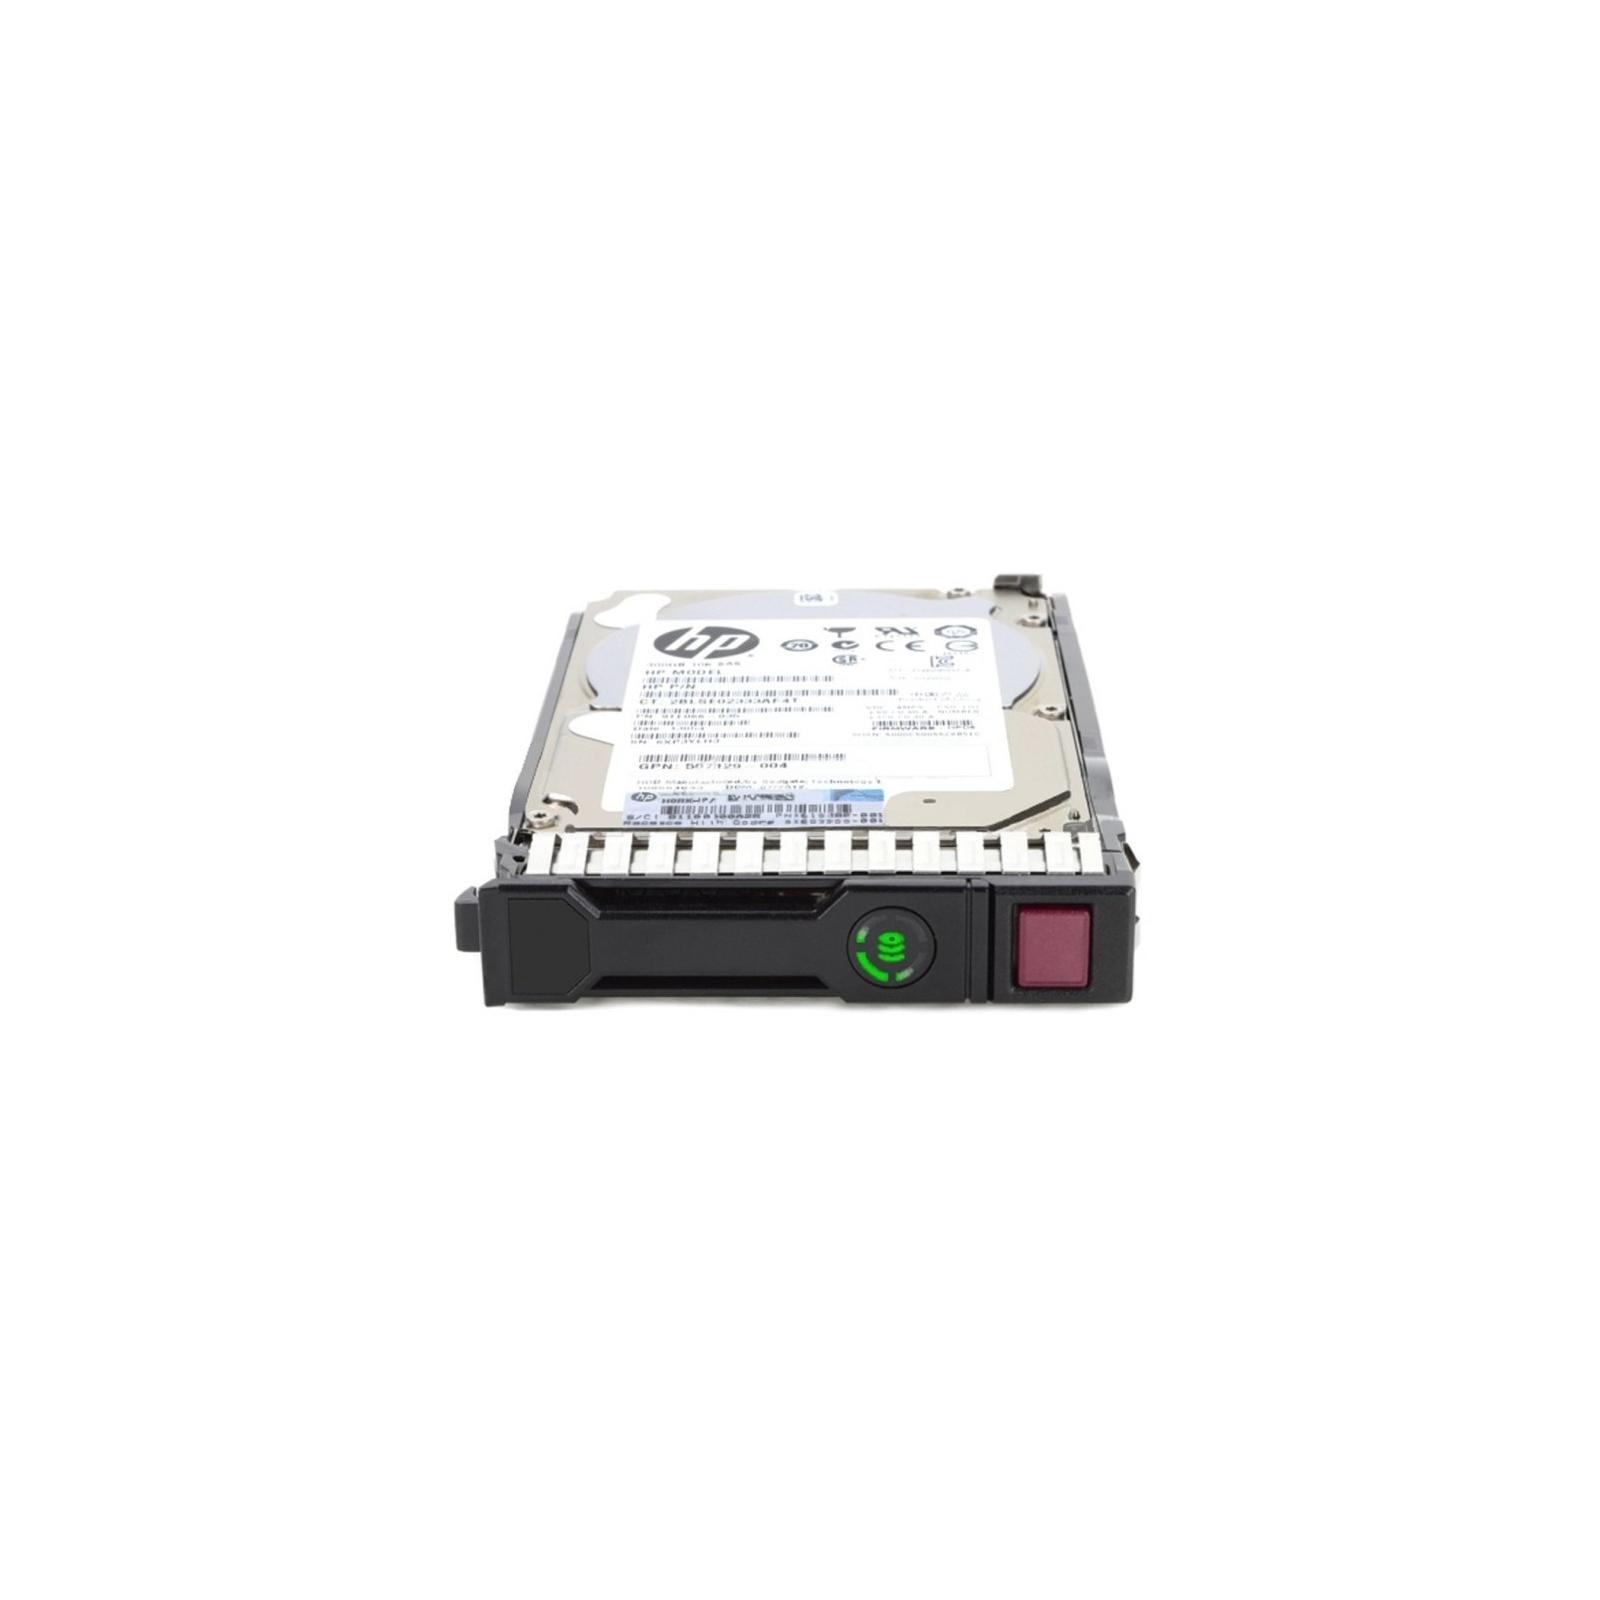 """Жесткий диск для сервера HP 450GB 10K SAS 2.5"""" SC SFF hot-plug (652572-B21)"""